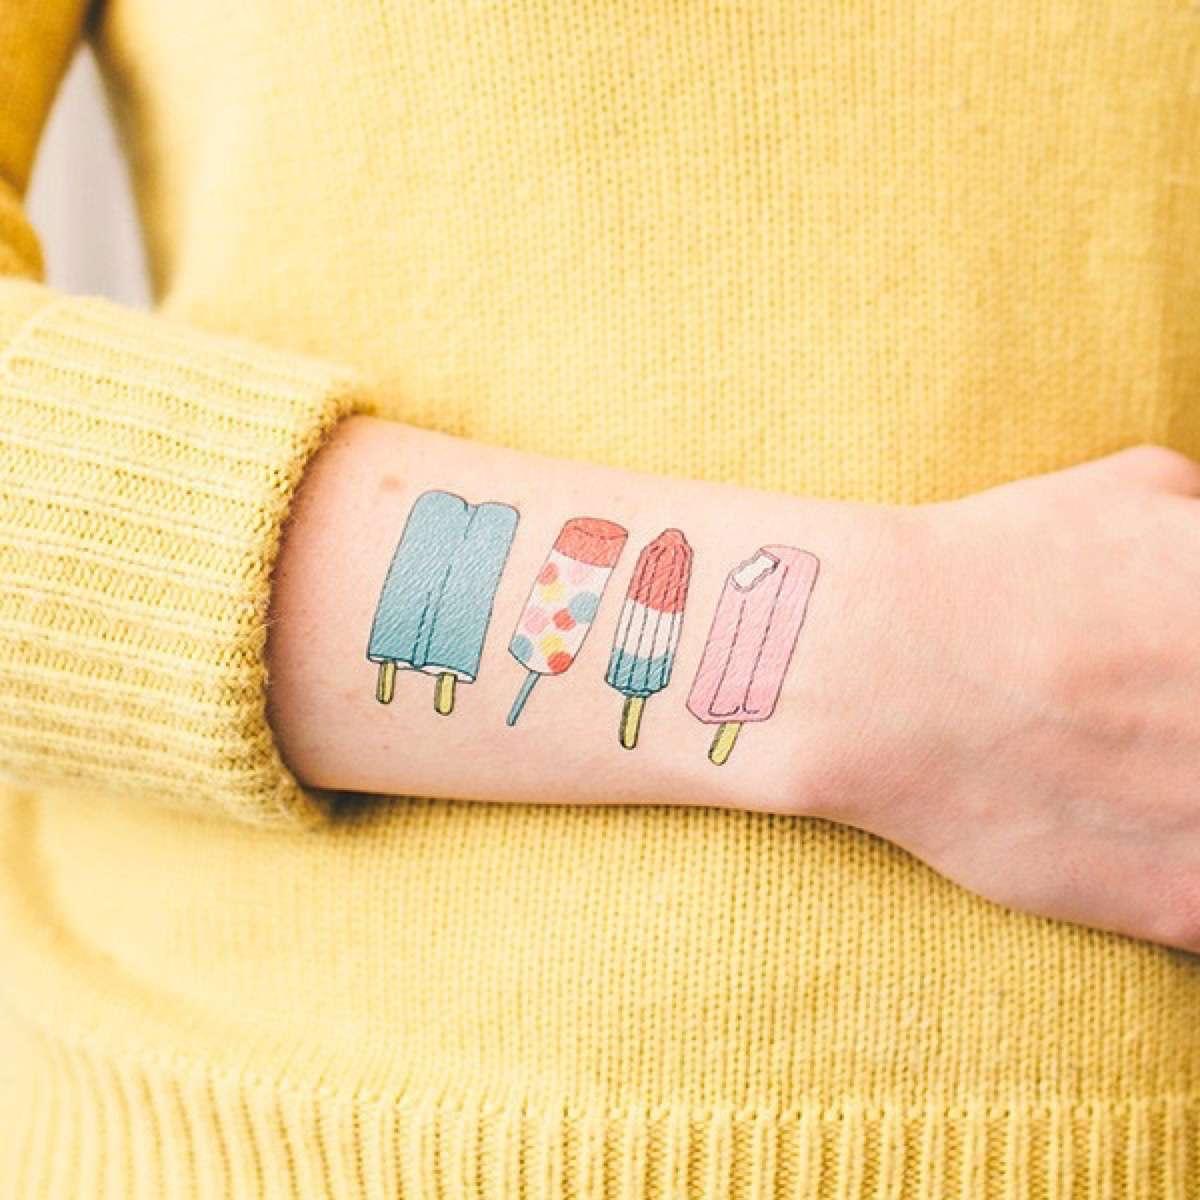 tatuajes temporales para el verano